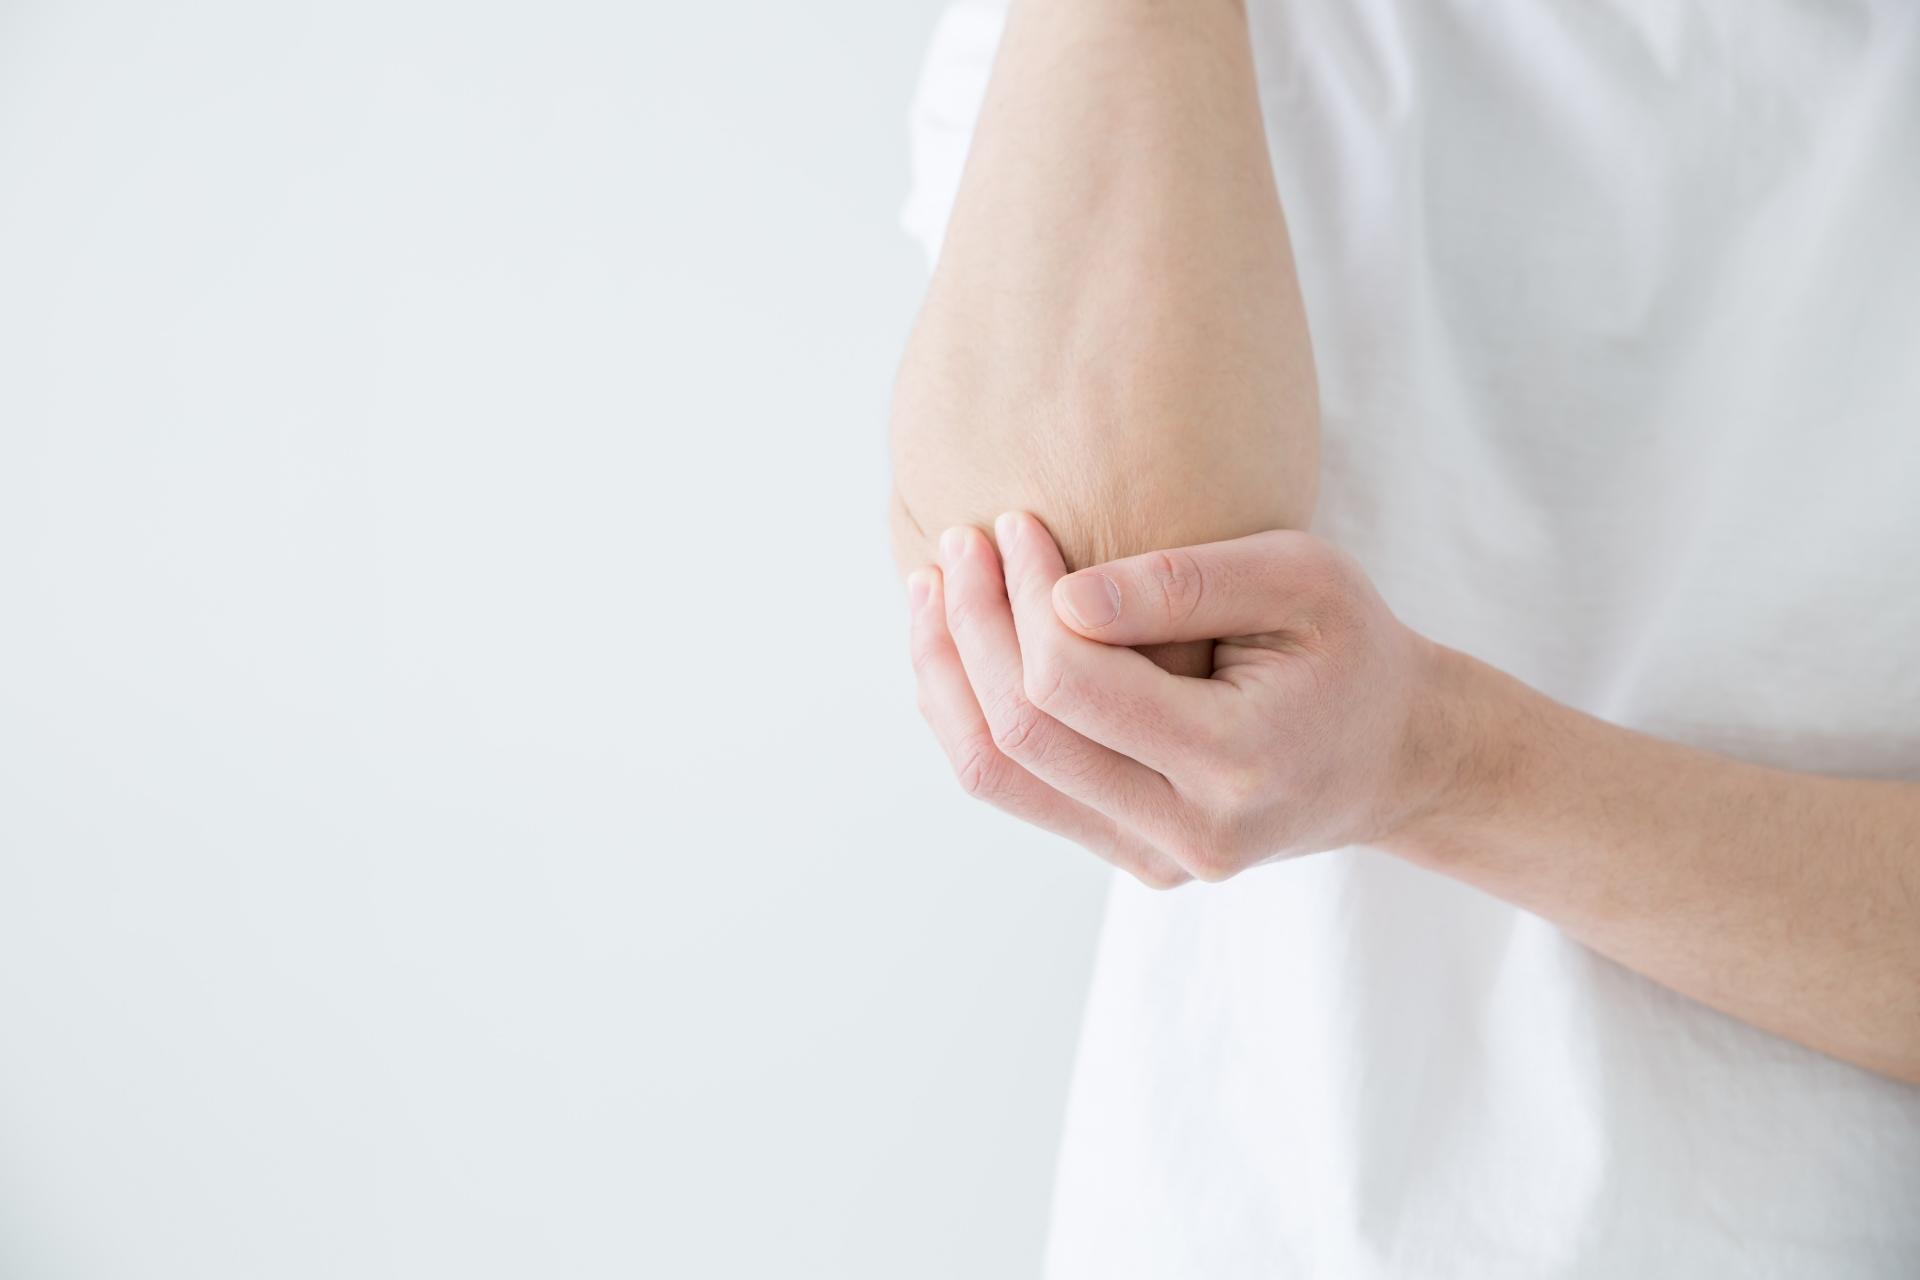 ひざ、かた、股関節、肘、腰、足関節などを再生医療(PFC-FD)